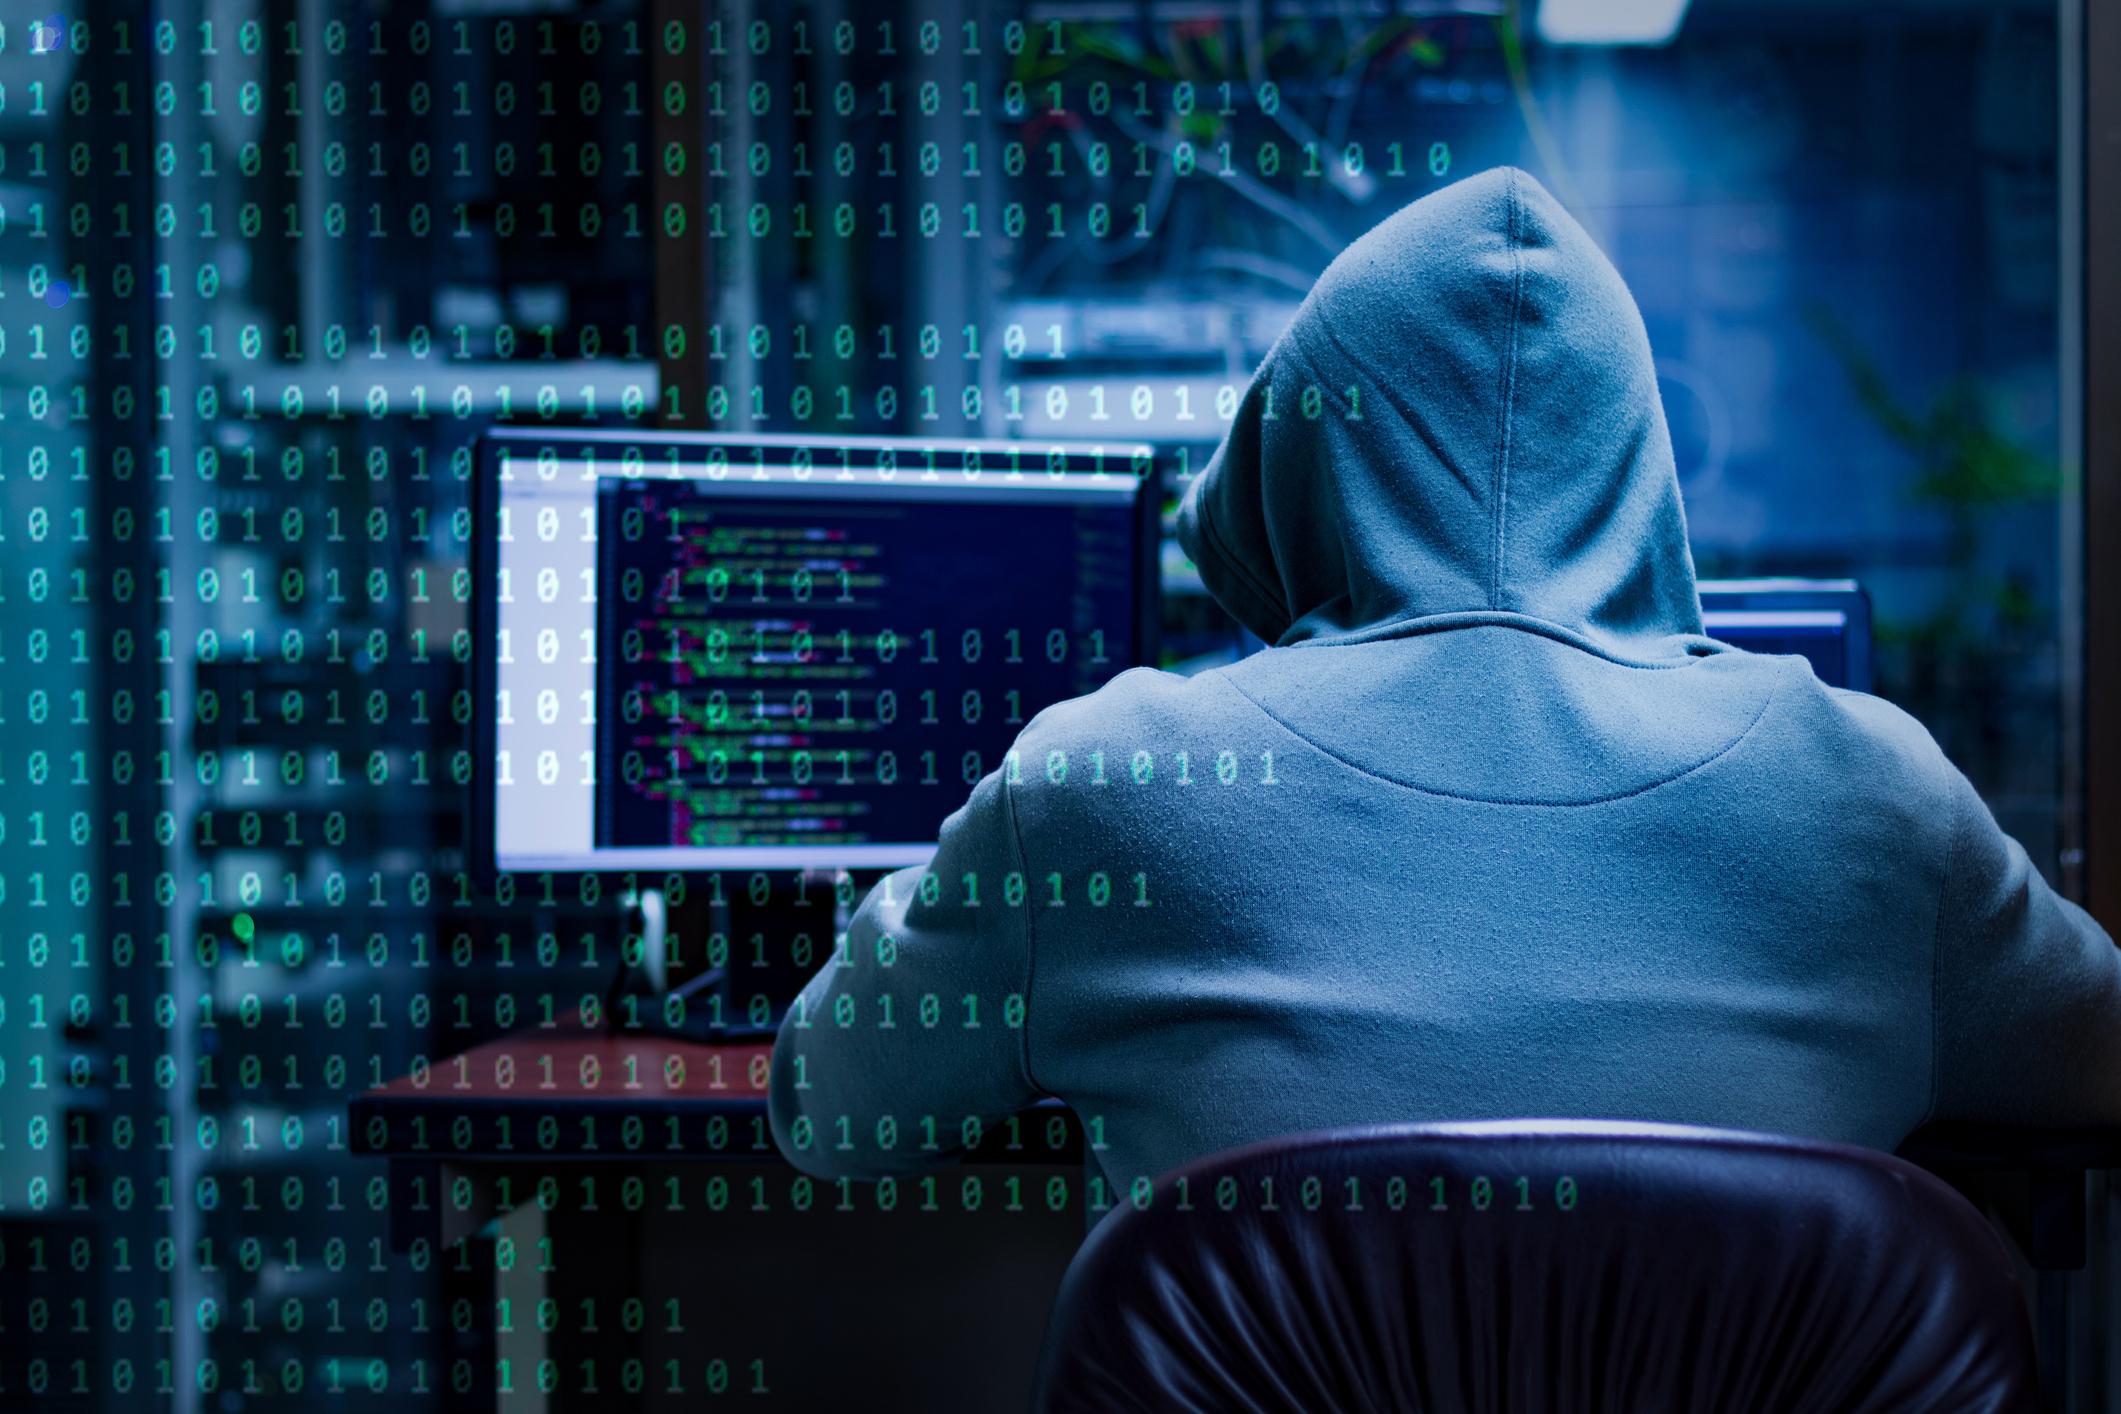 Cibercrimen: modelos de negocio, actores de amenaza y cómo proteger tu negocio